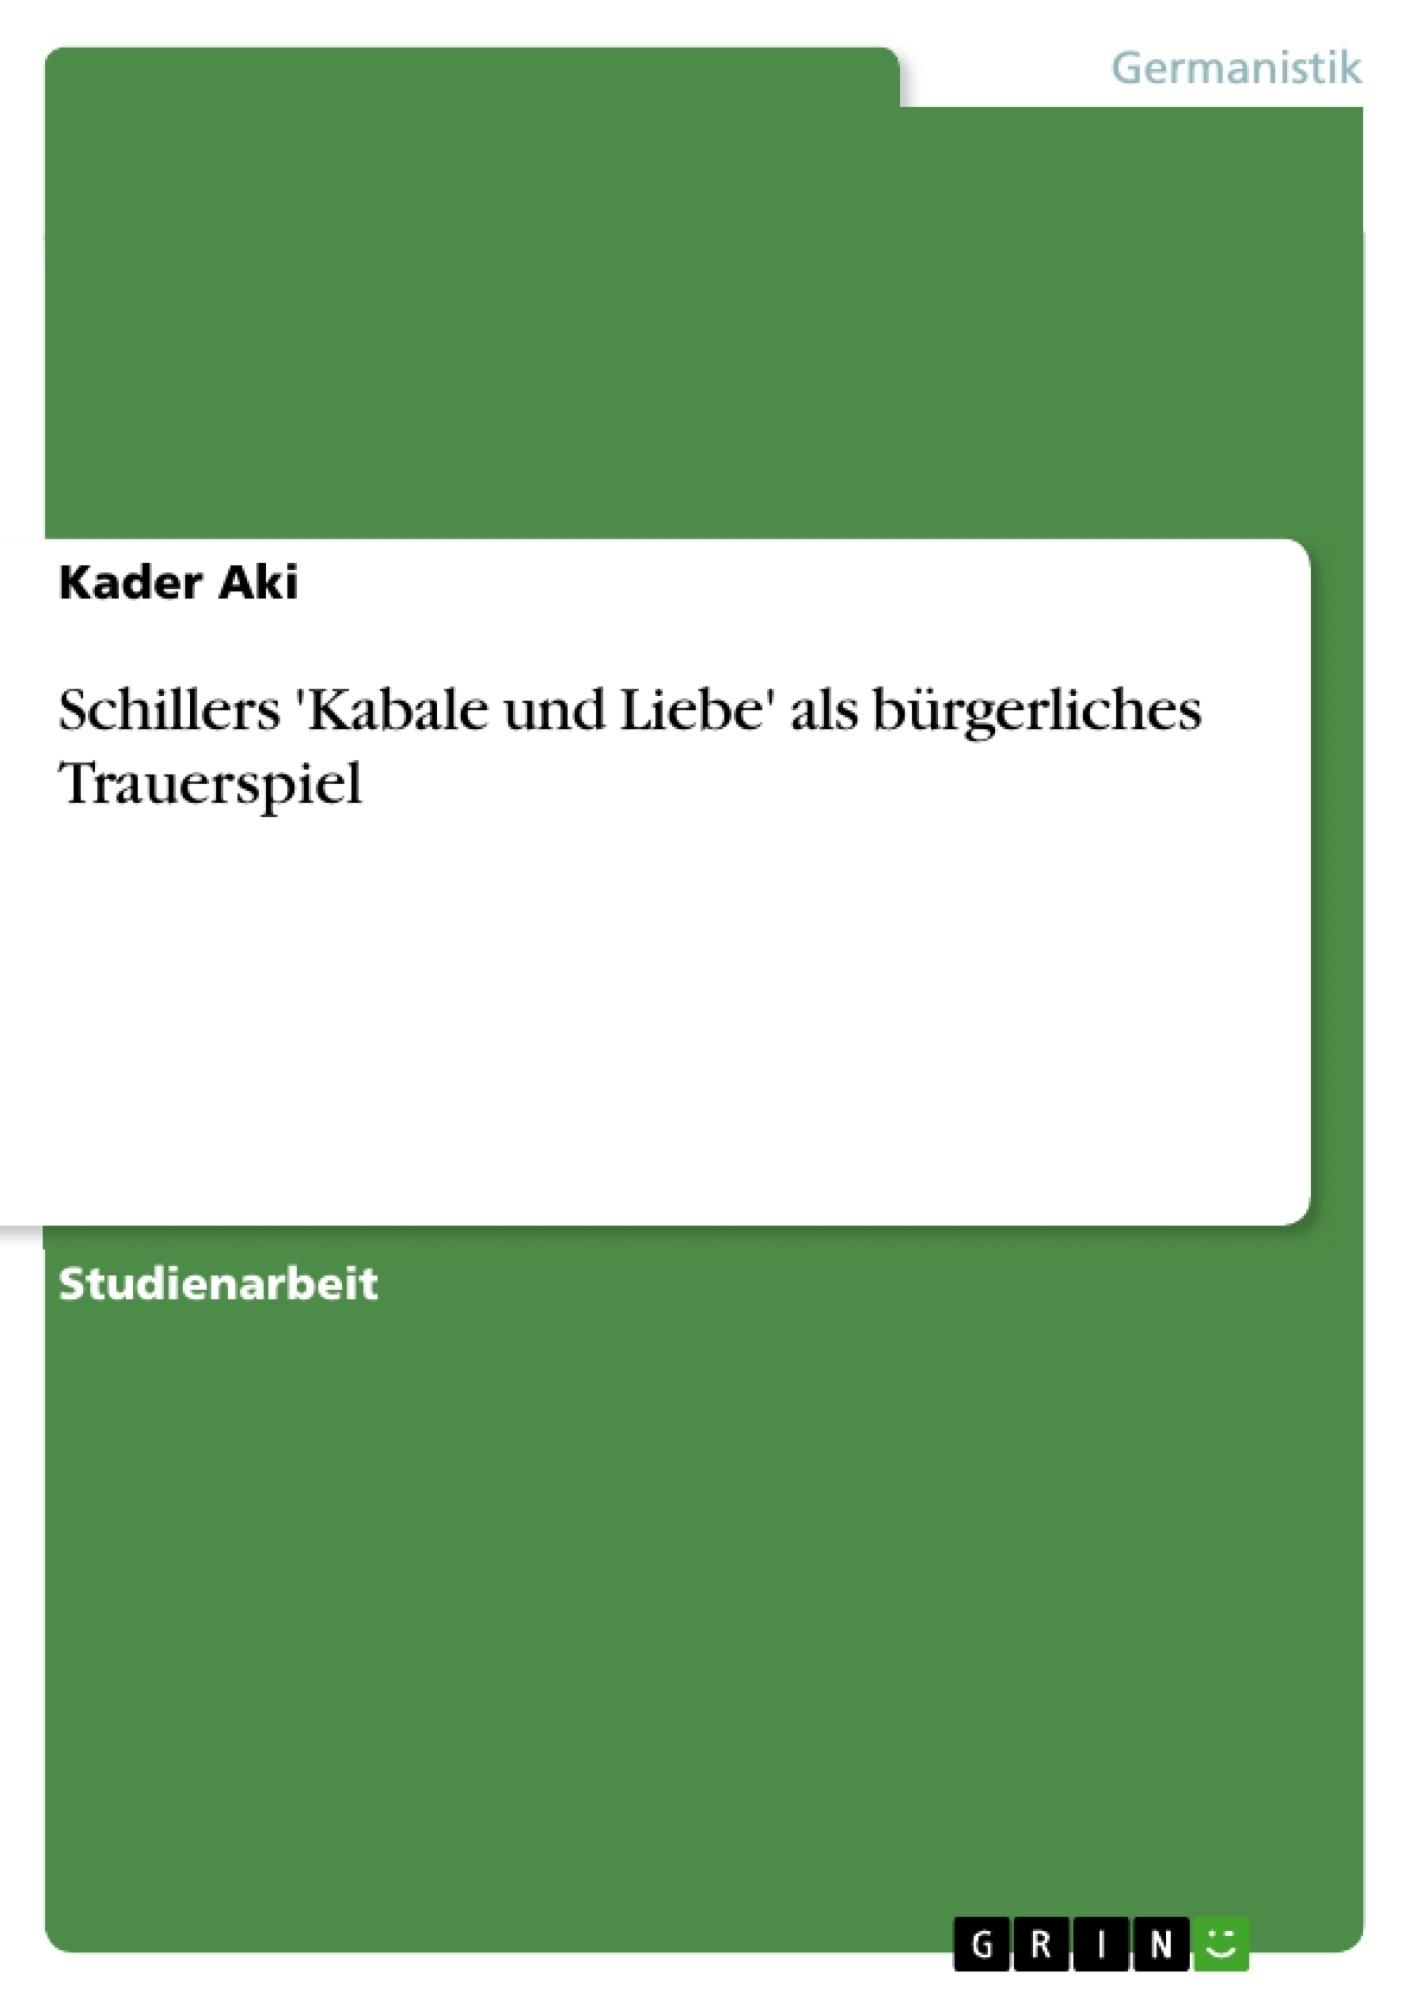 Titel: Schillers 'Kabale und Liebe' als bürgerliches Trauerspiel